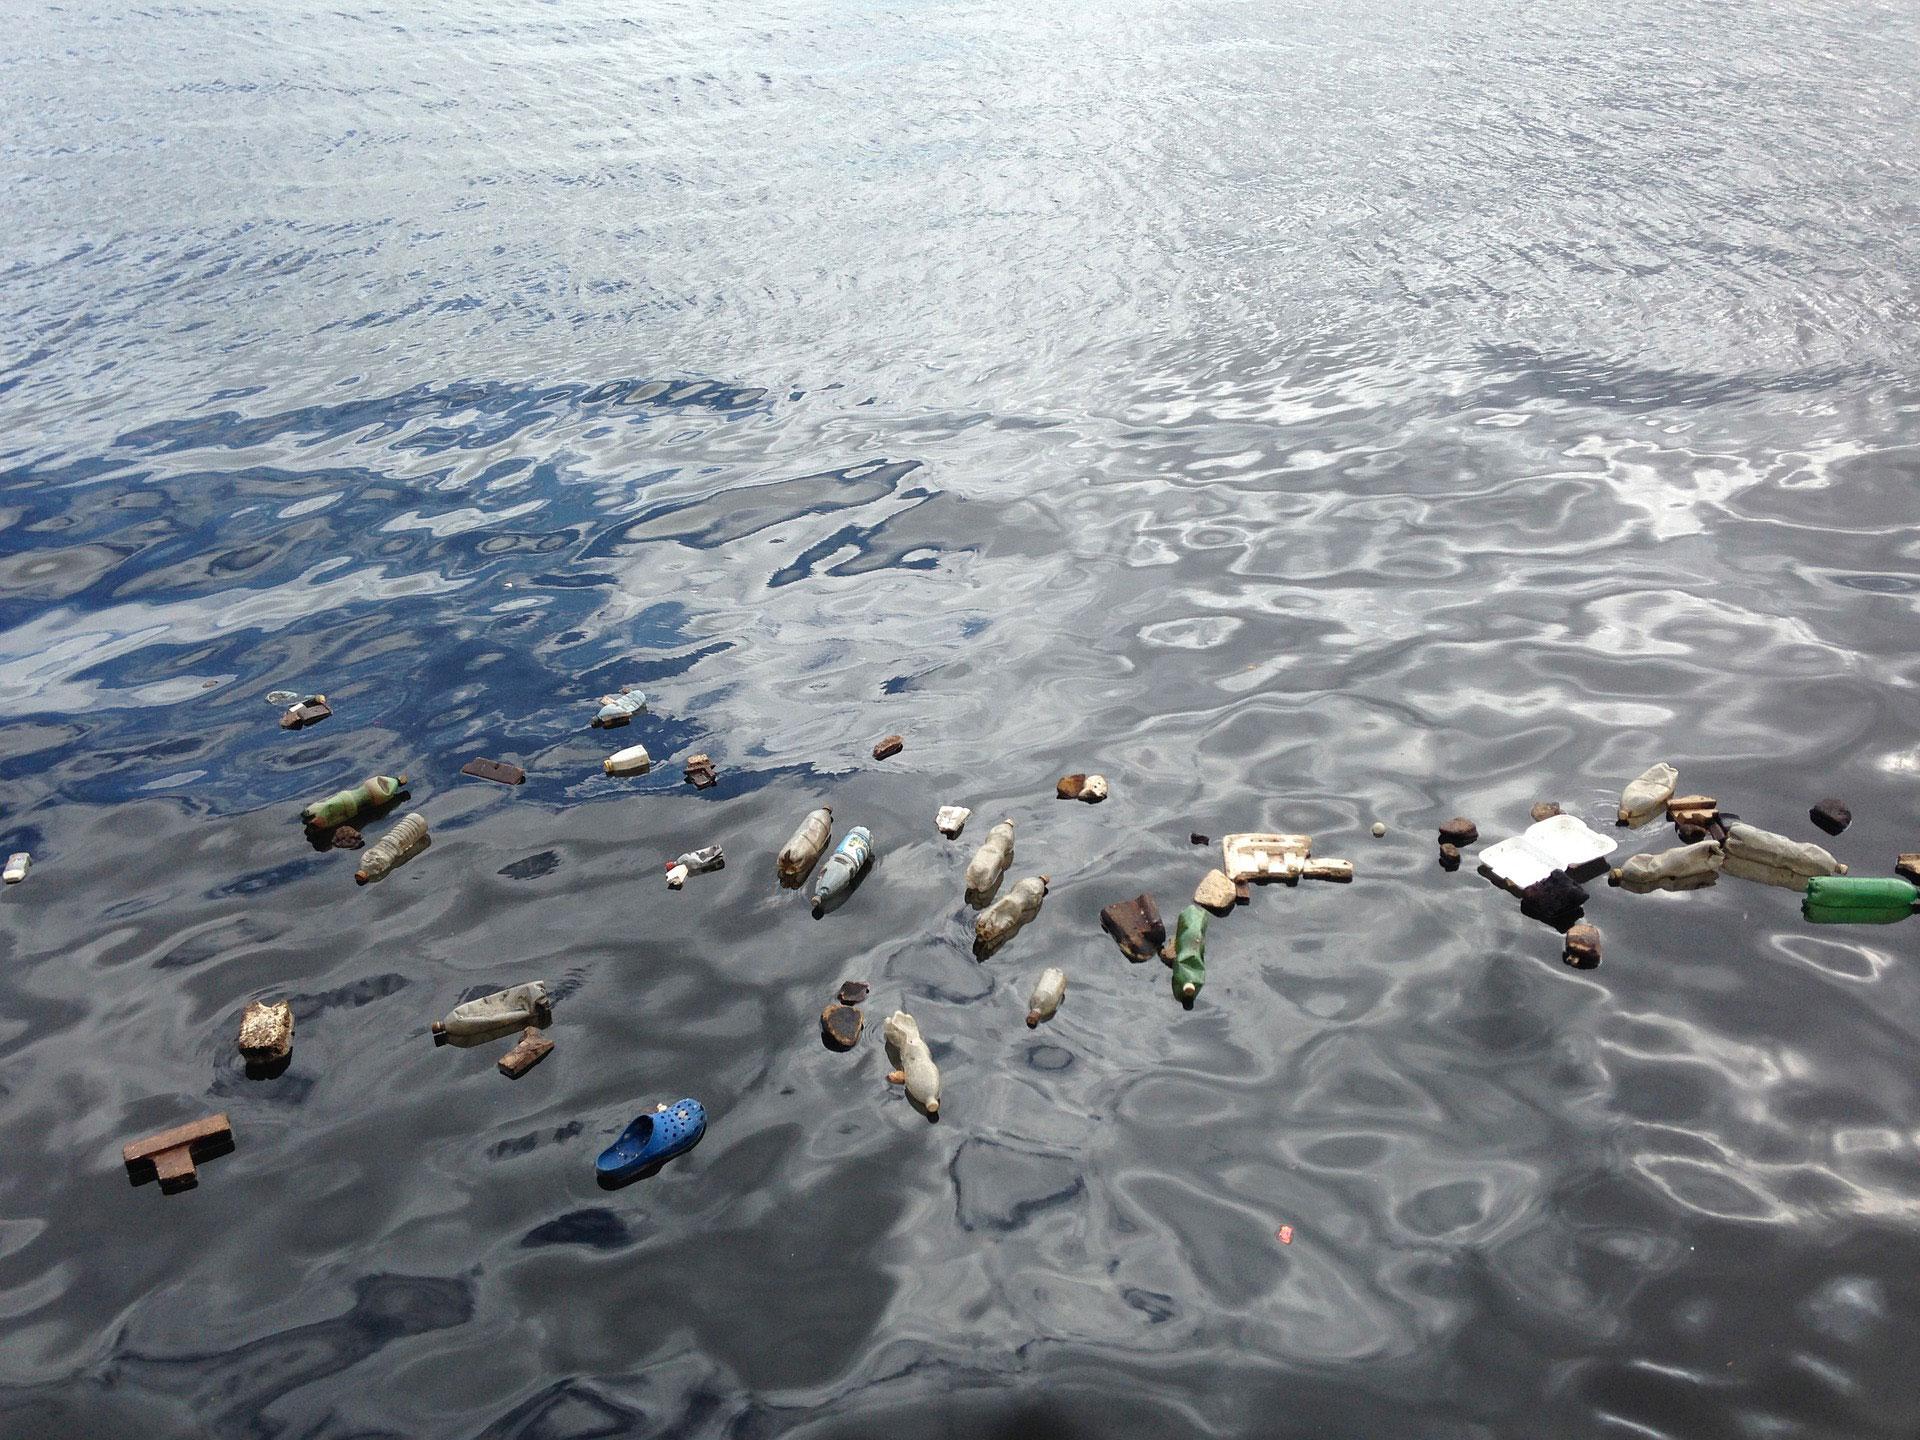 La plastica nei mari… è emergenza